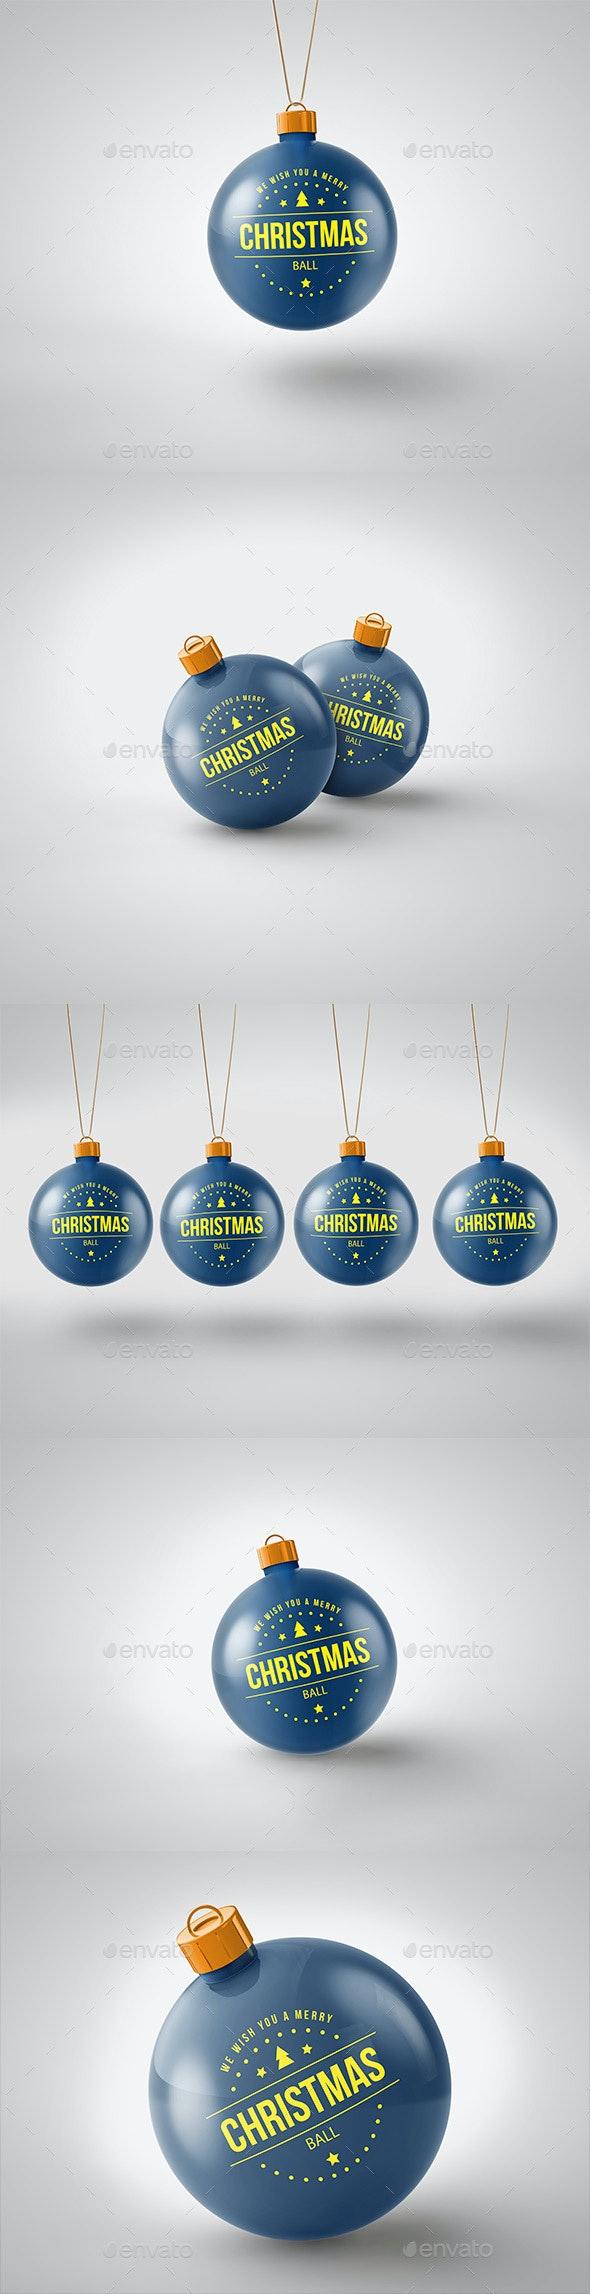 Christmas Ball Mockup - Print Product Mock-Ups